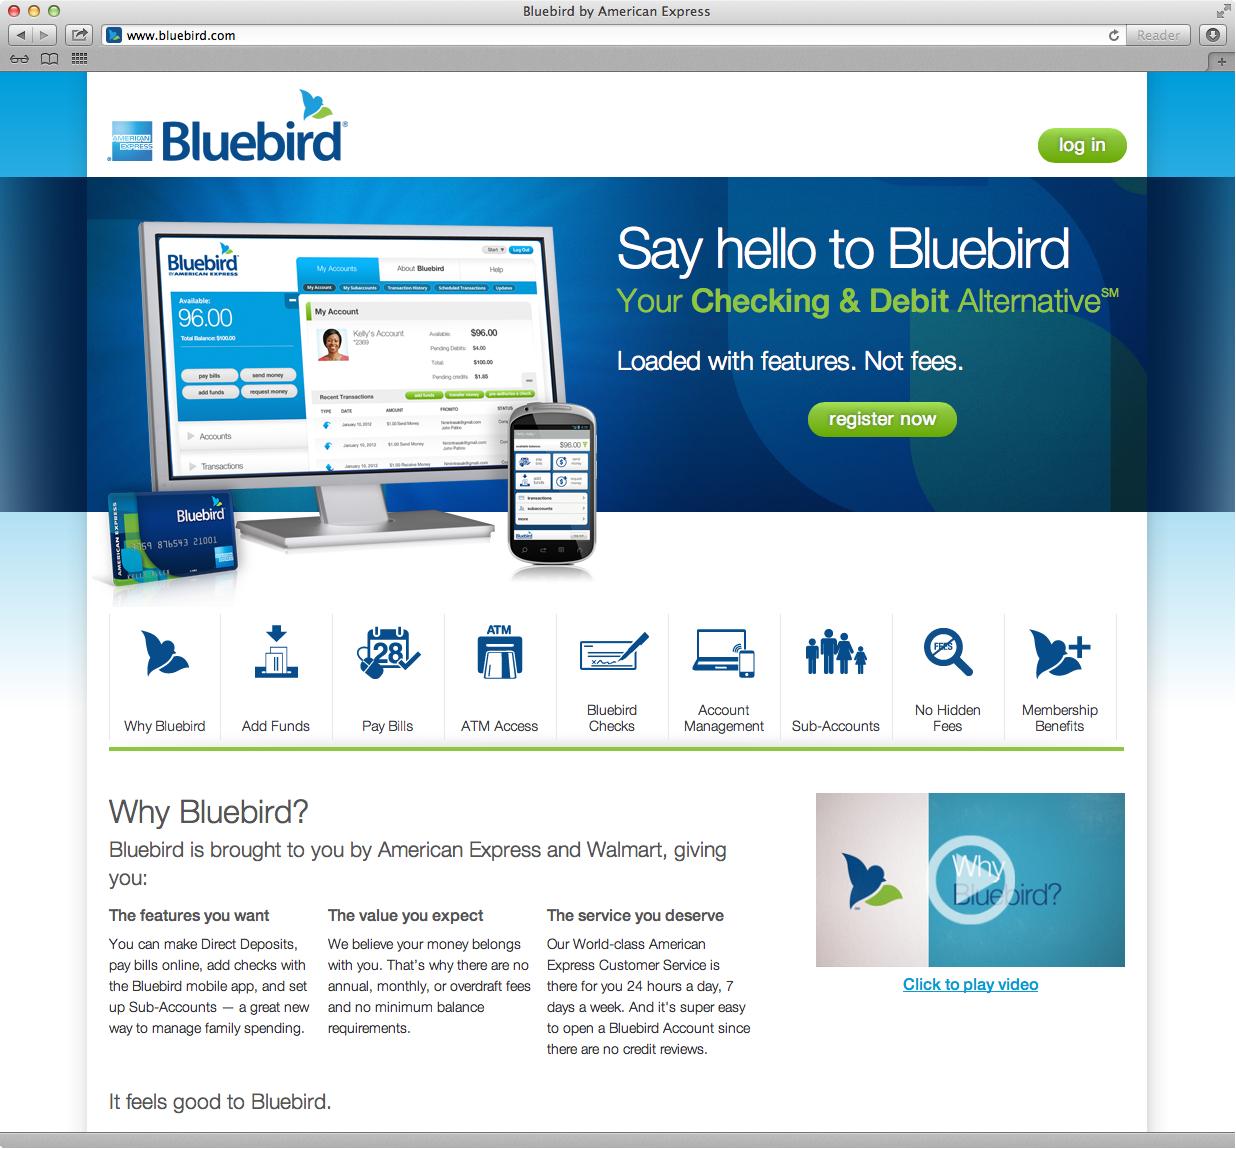 Bluebird.com